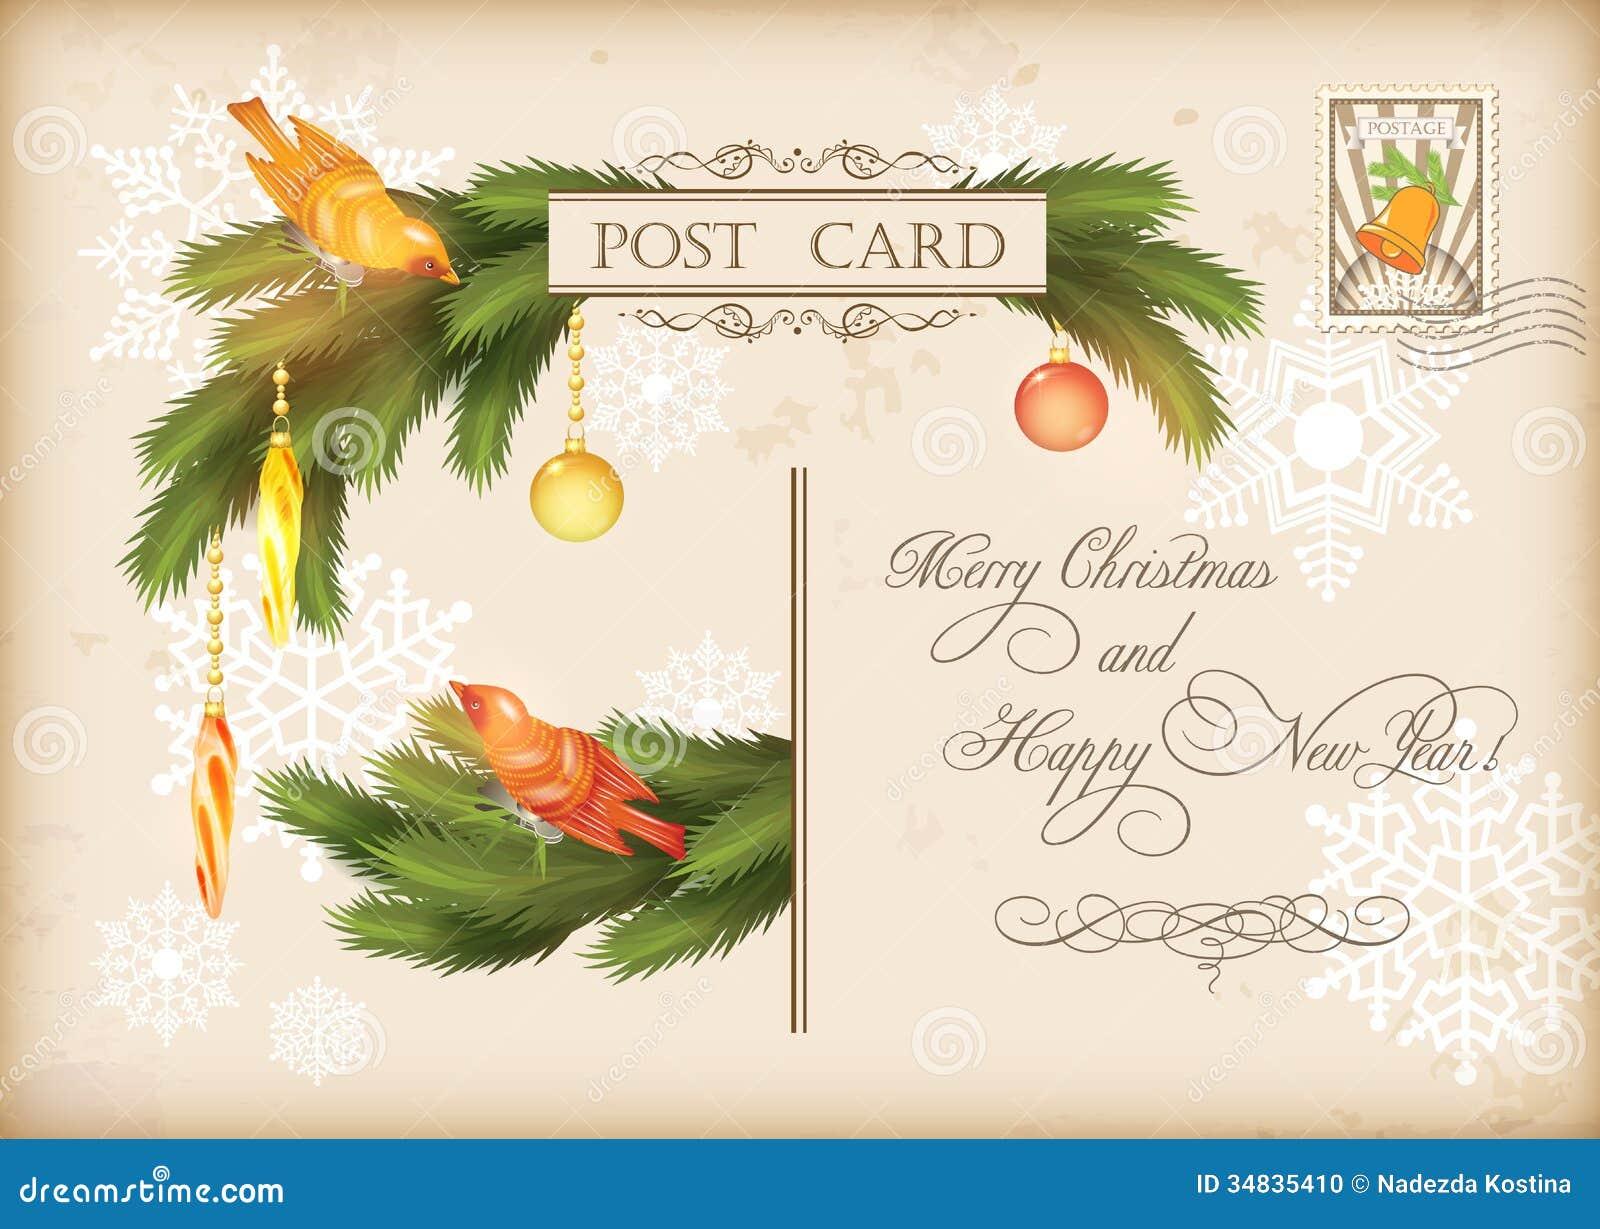 Christmas Vintage Holiday Vector Postcard Stock Photo